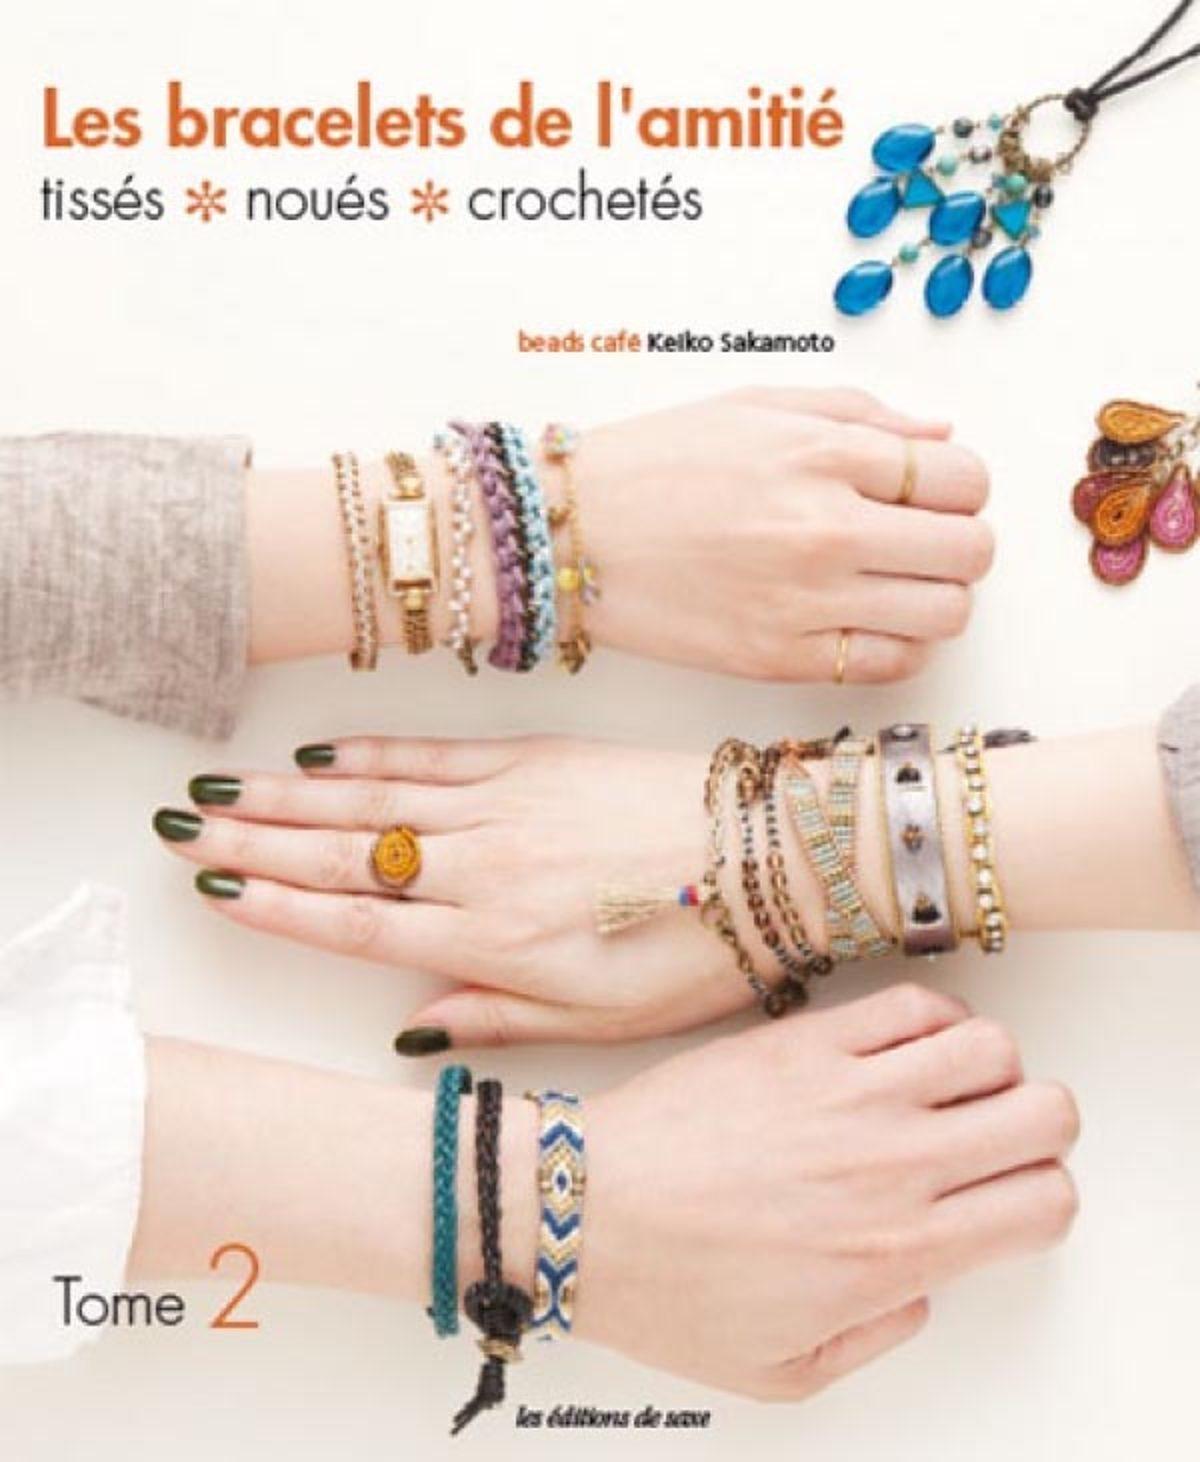 les bracelets de lamitie